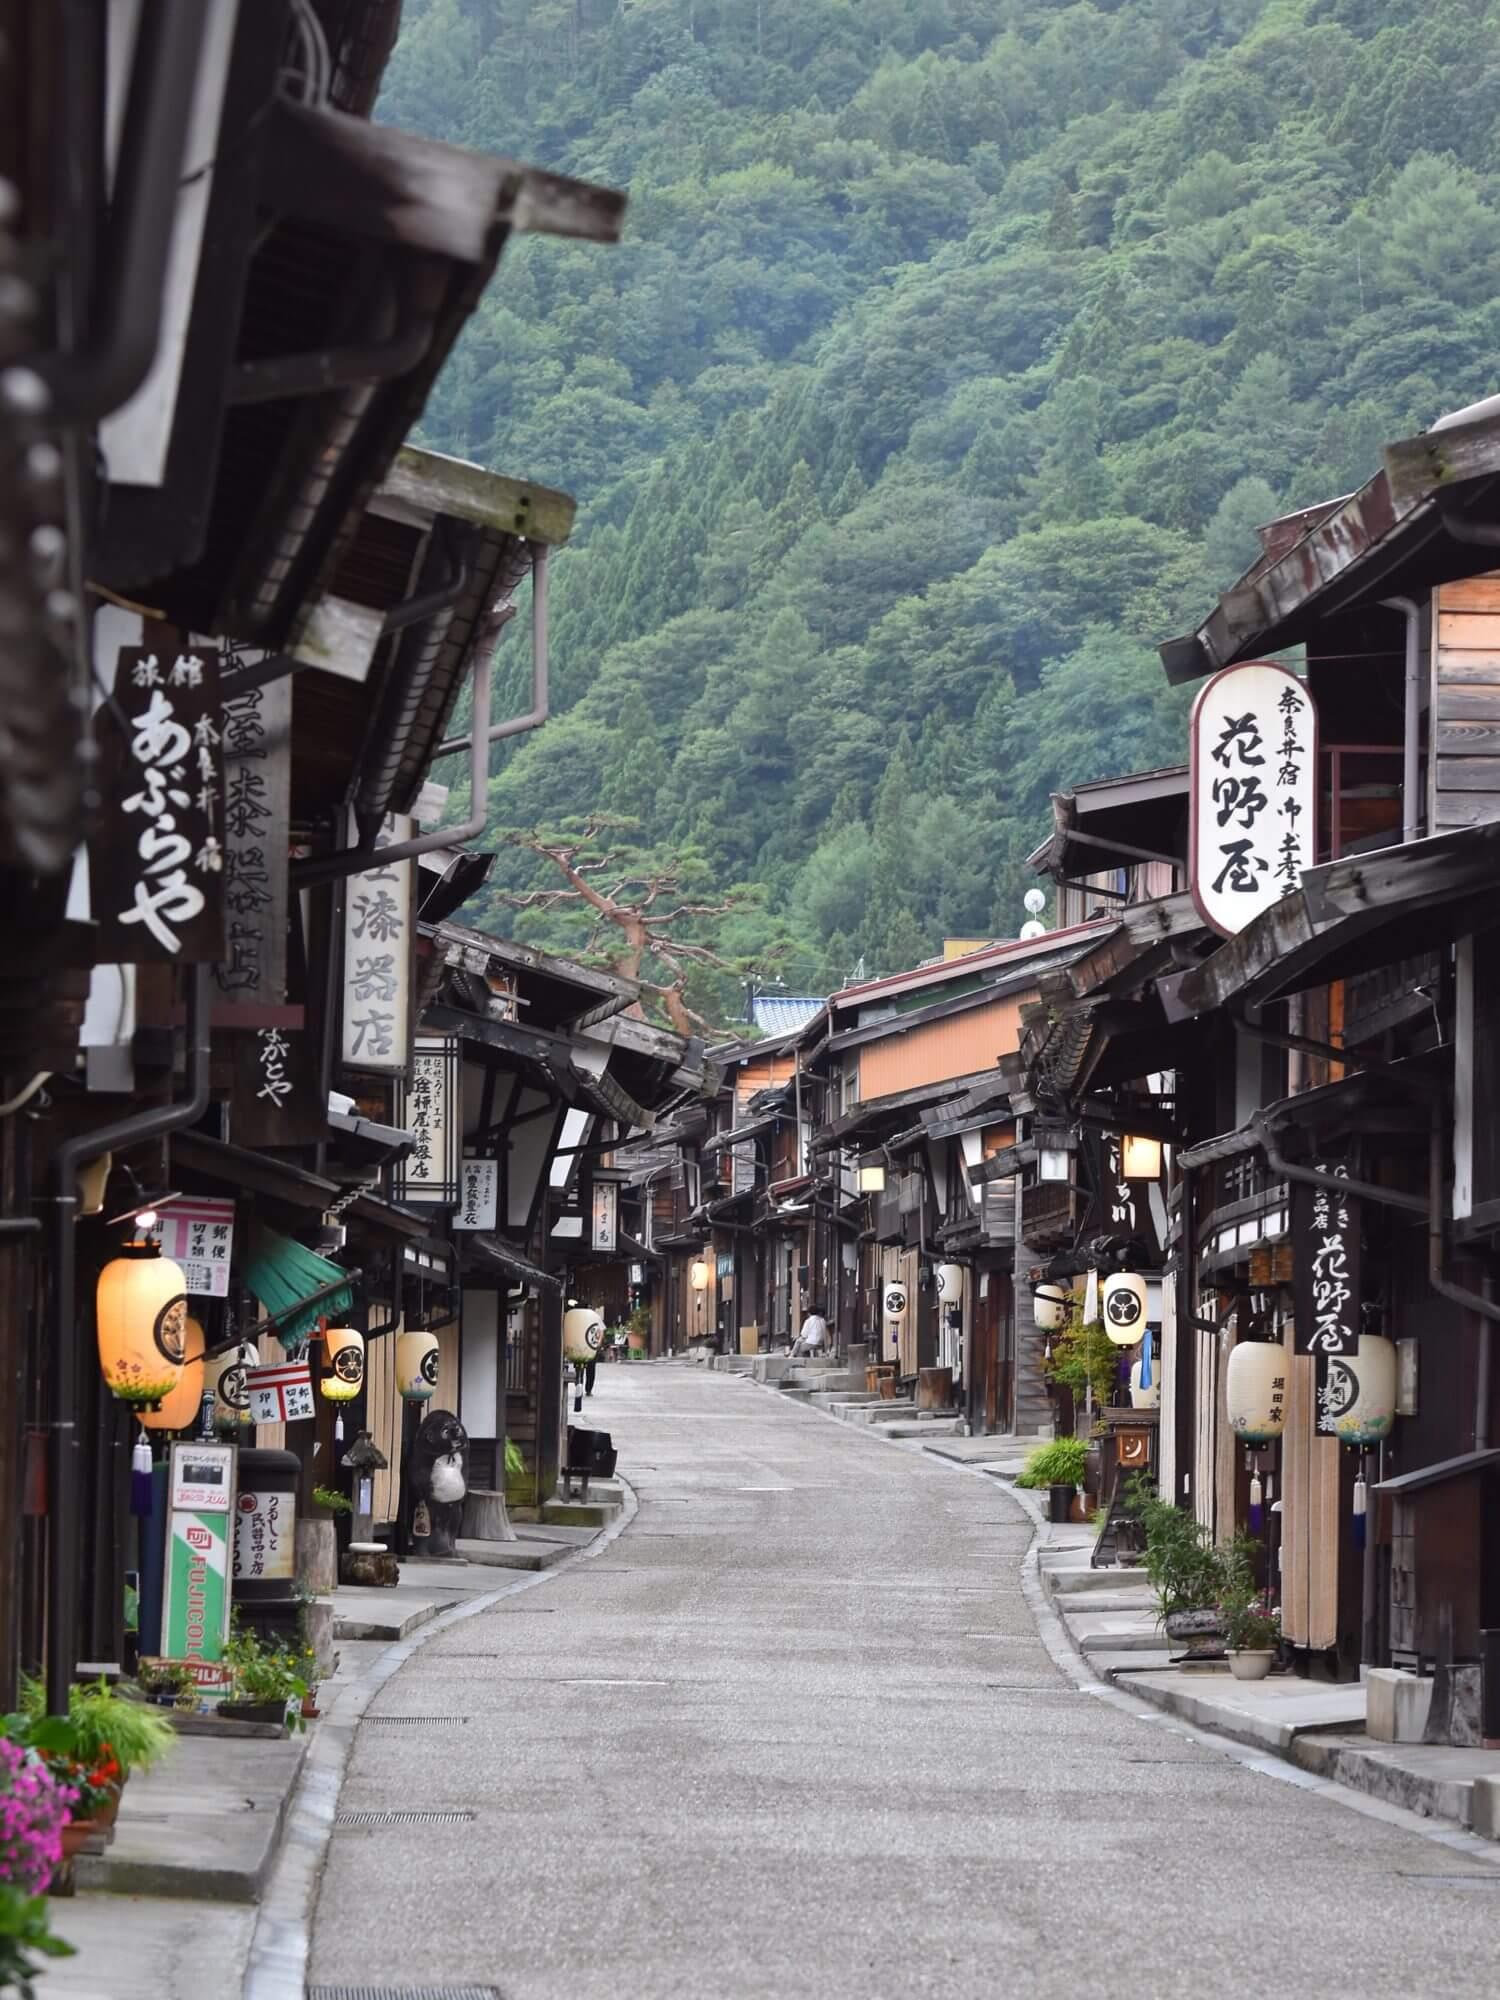 木曽 島崎 藤村